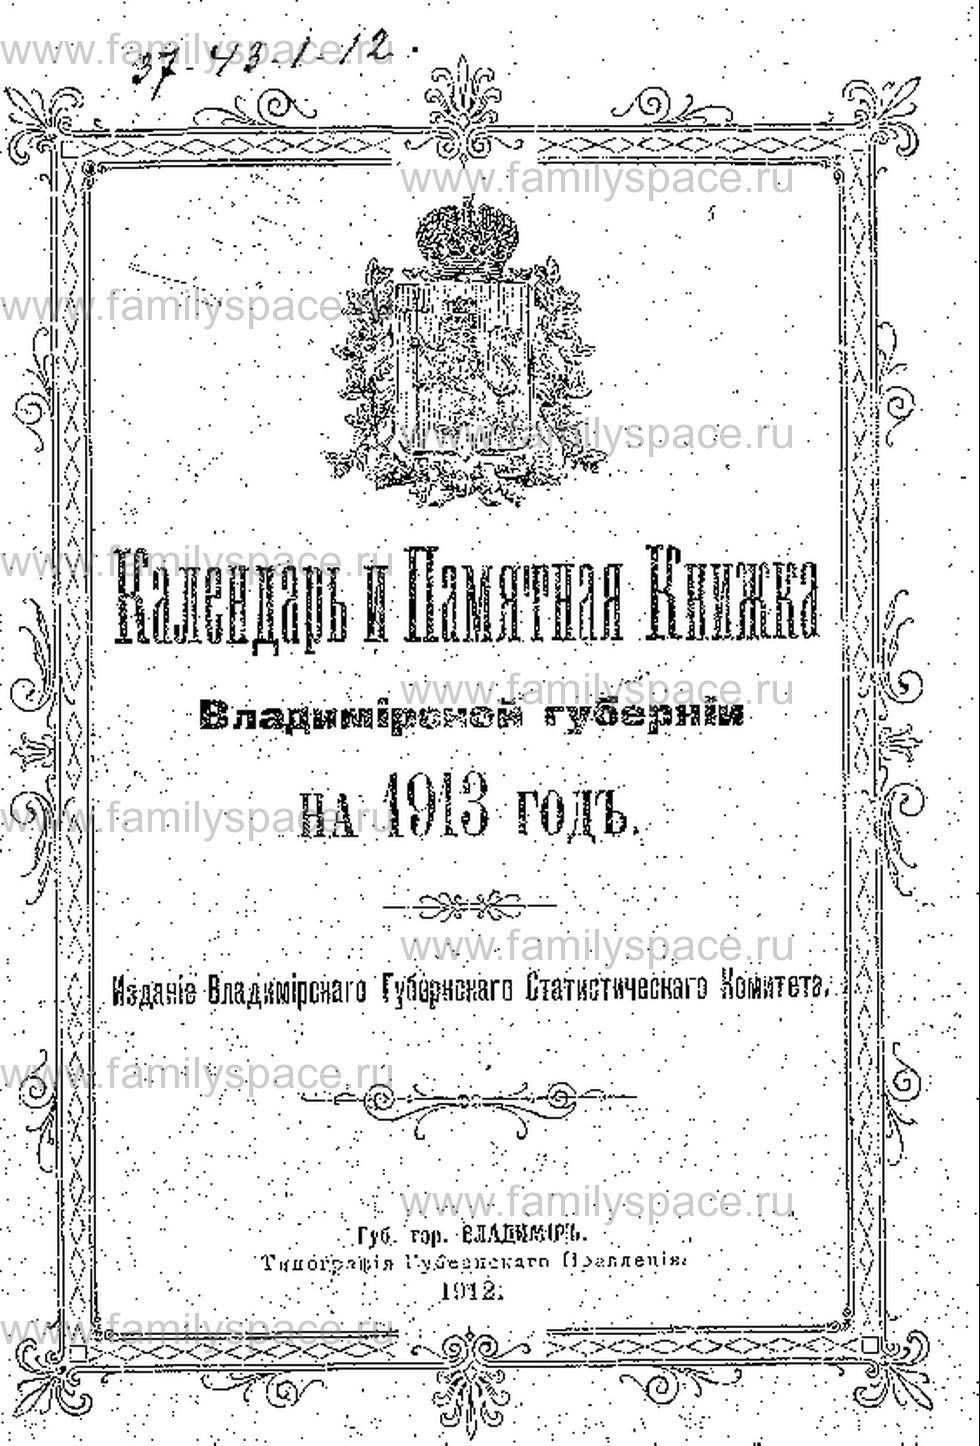 Поиск по фамилии - Календарь и памятная книжка Владимирской губернии на 1913 г, страница 1